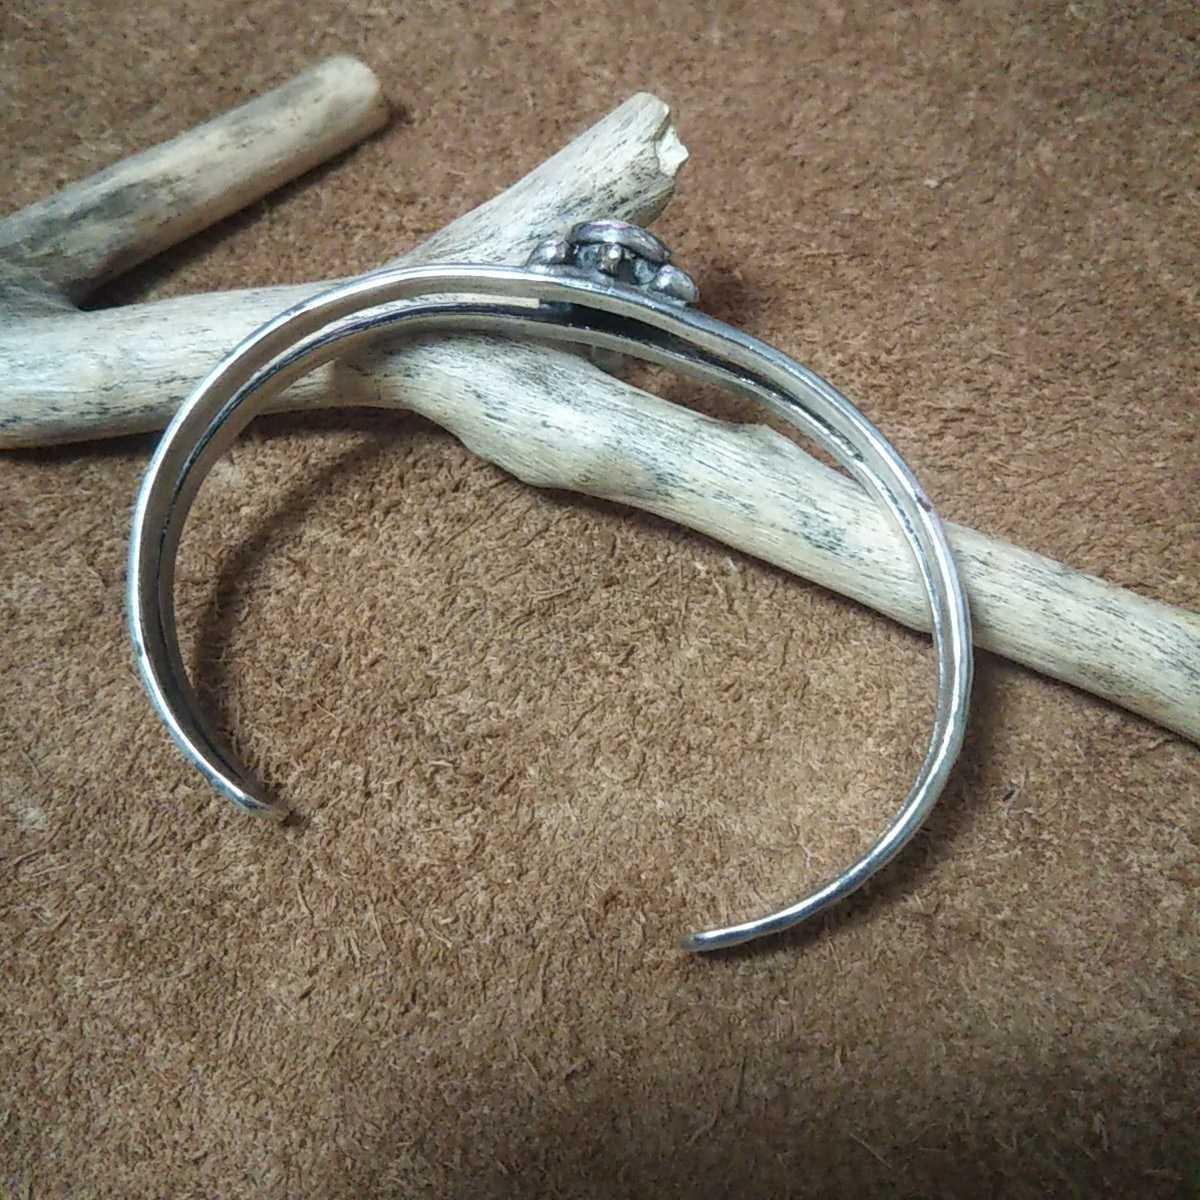 インディアンジュエリー ナバホ族 亀 ターコイズ シルバーバングル ブレスレット♯ネイティブアメリカン ホピ族 ズニ族 sterling silver925_画像2